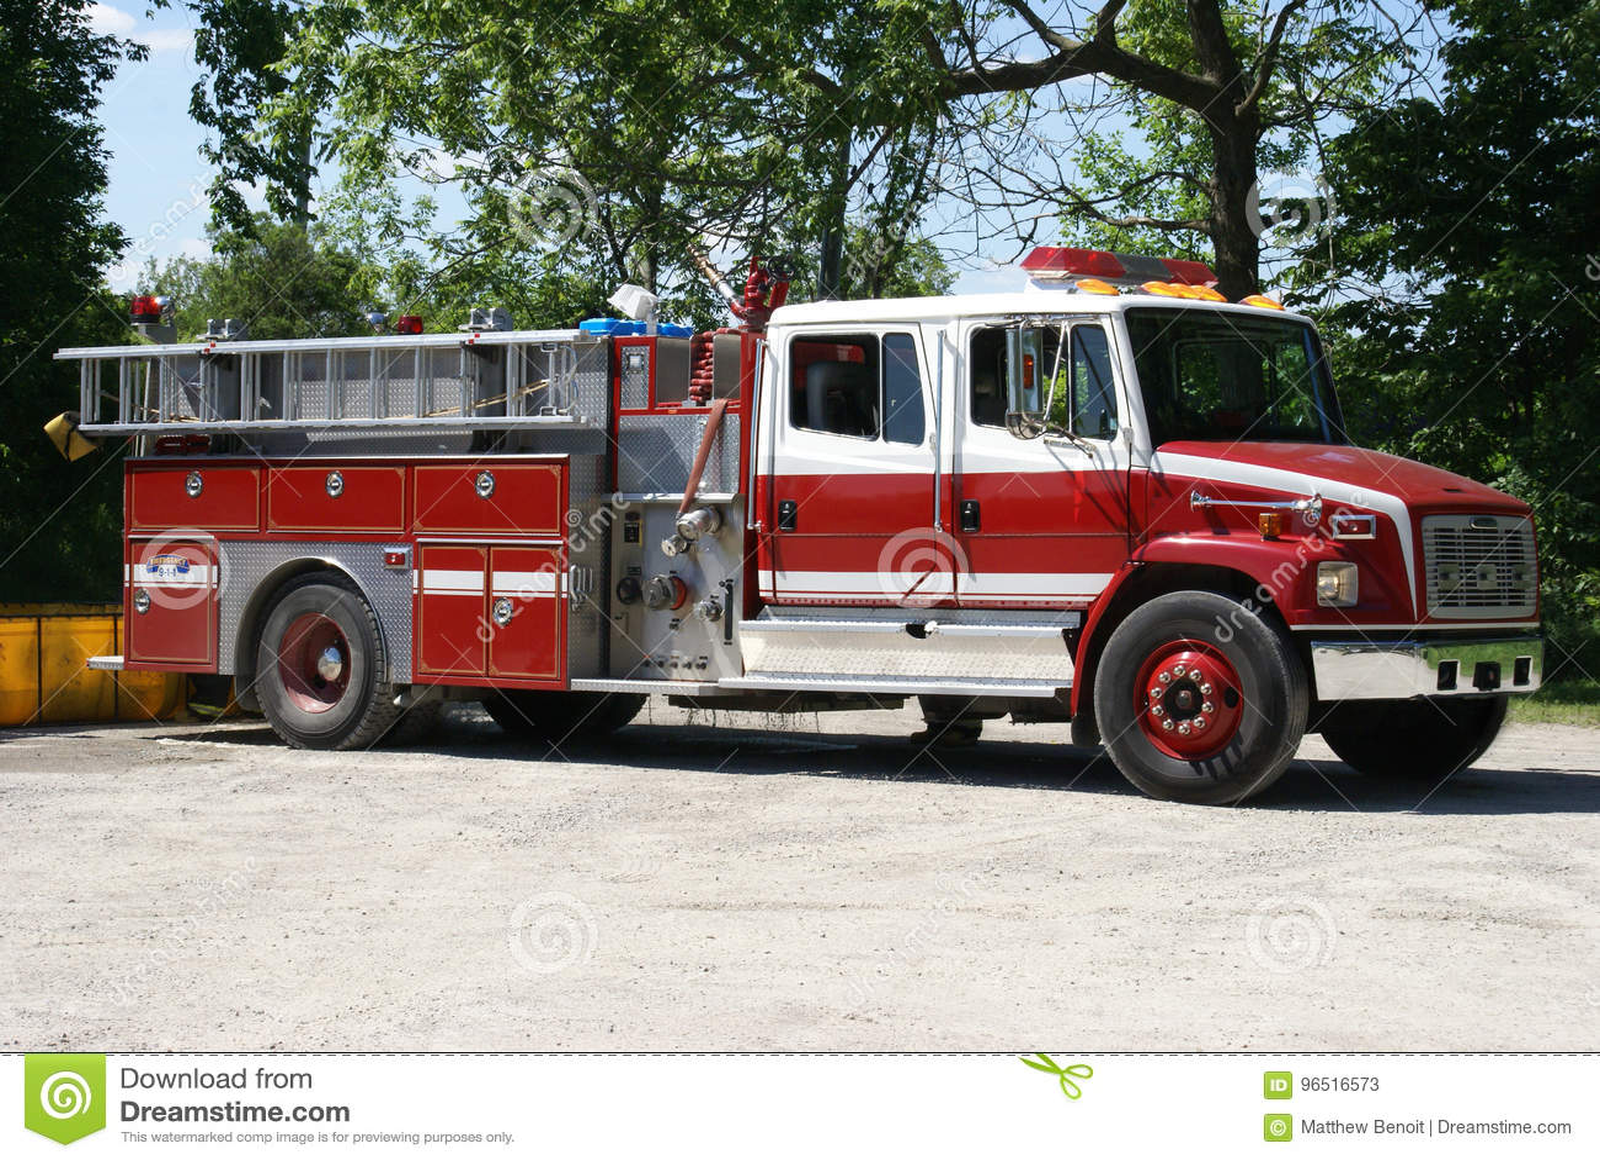 Firetruck prêt pour l urgence